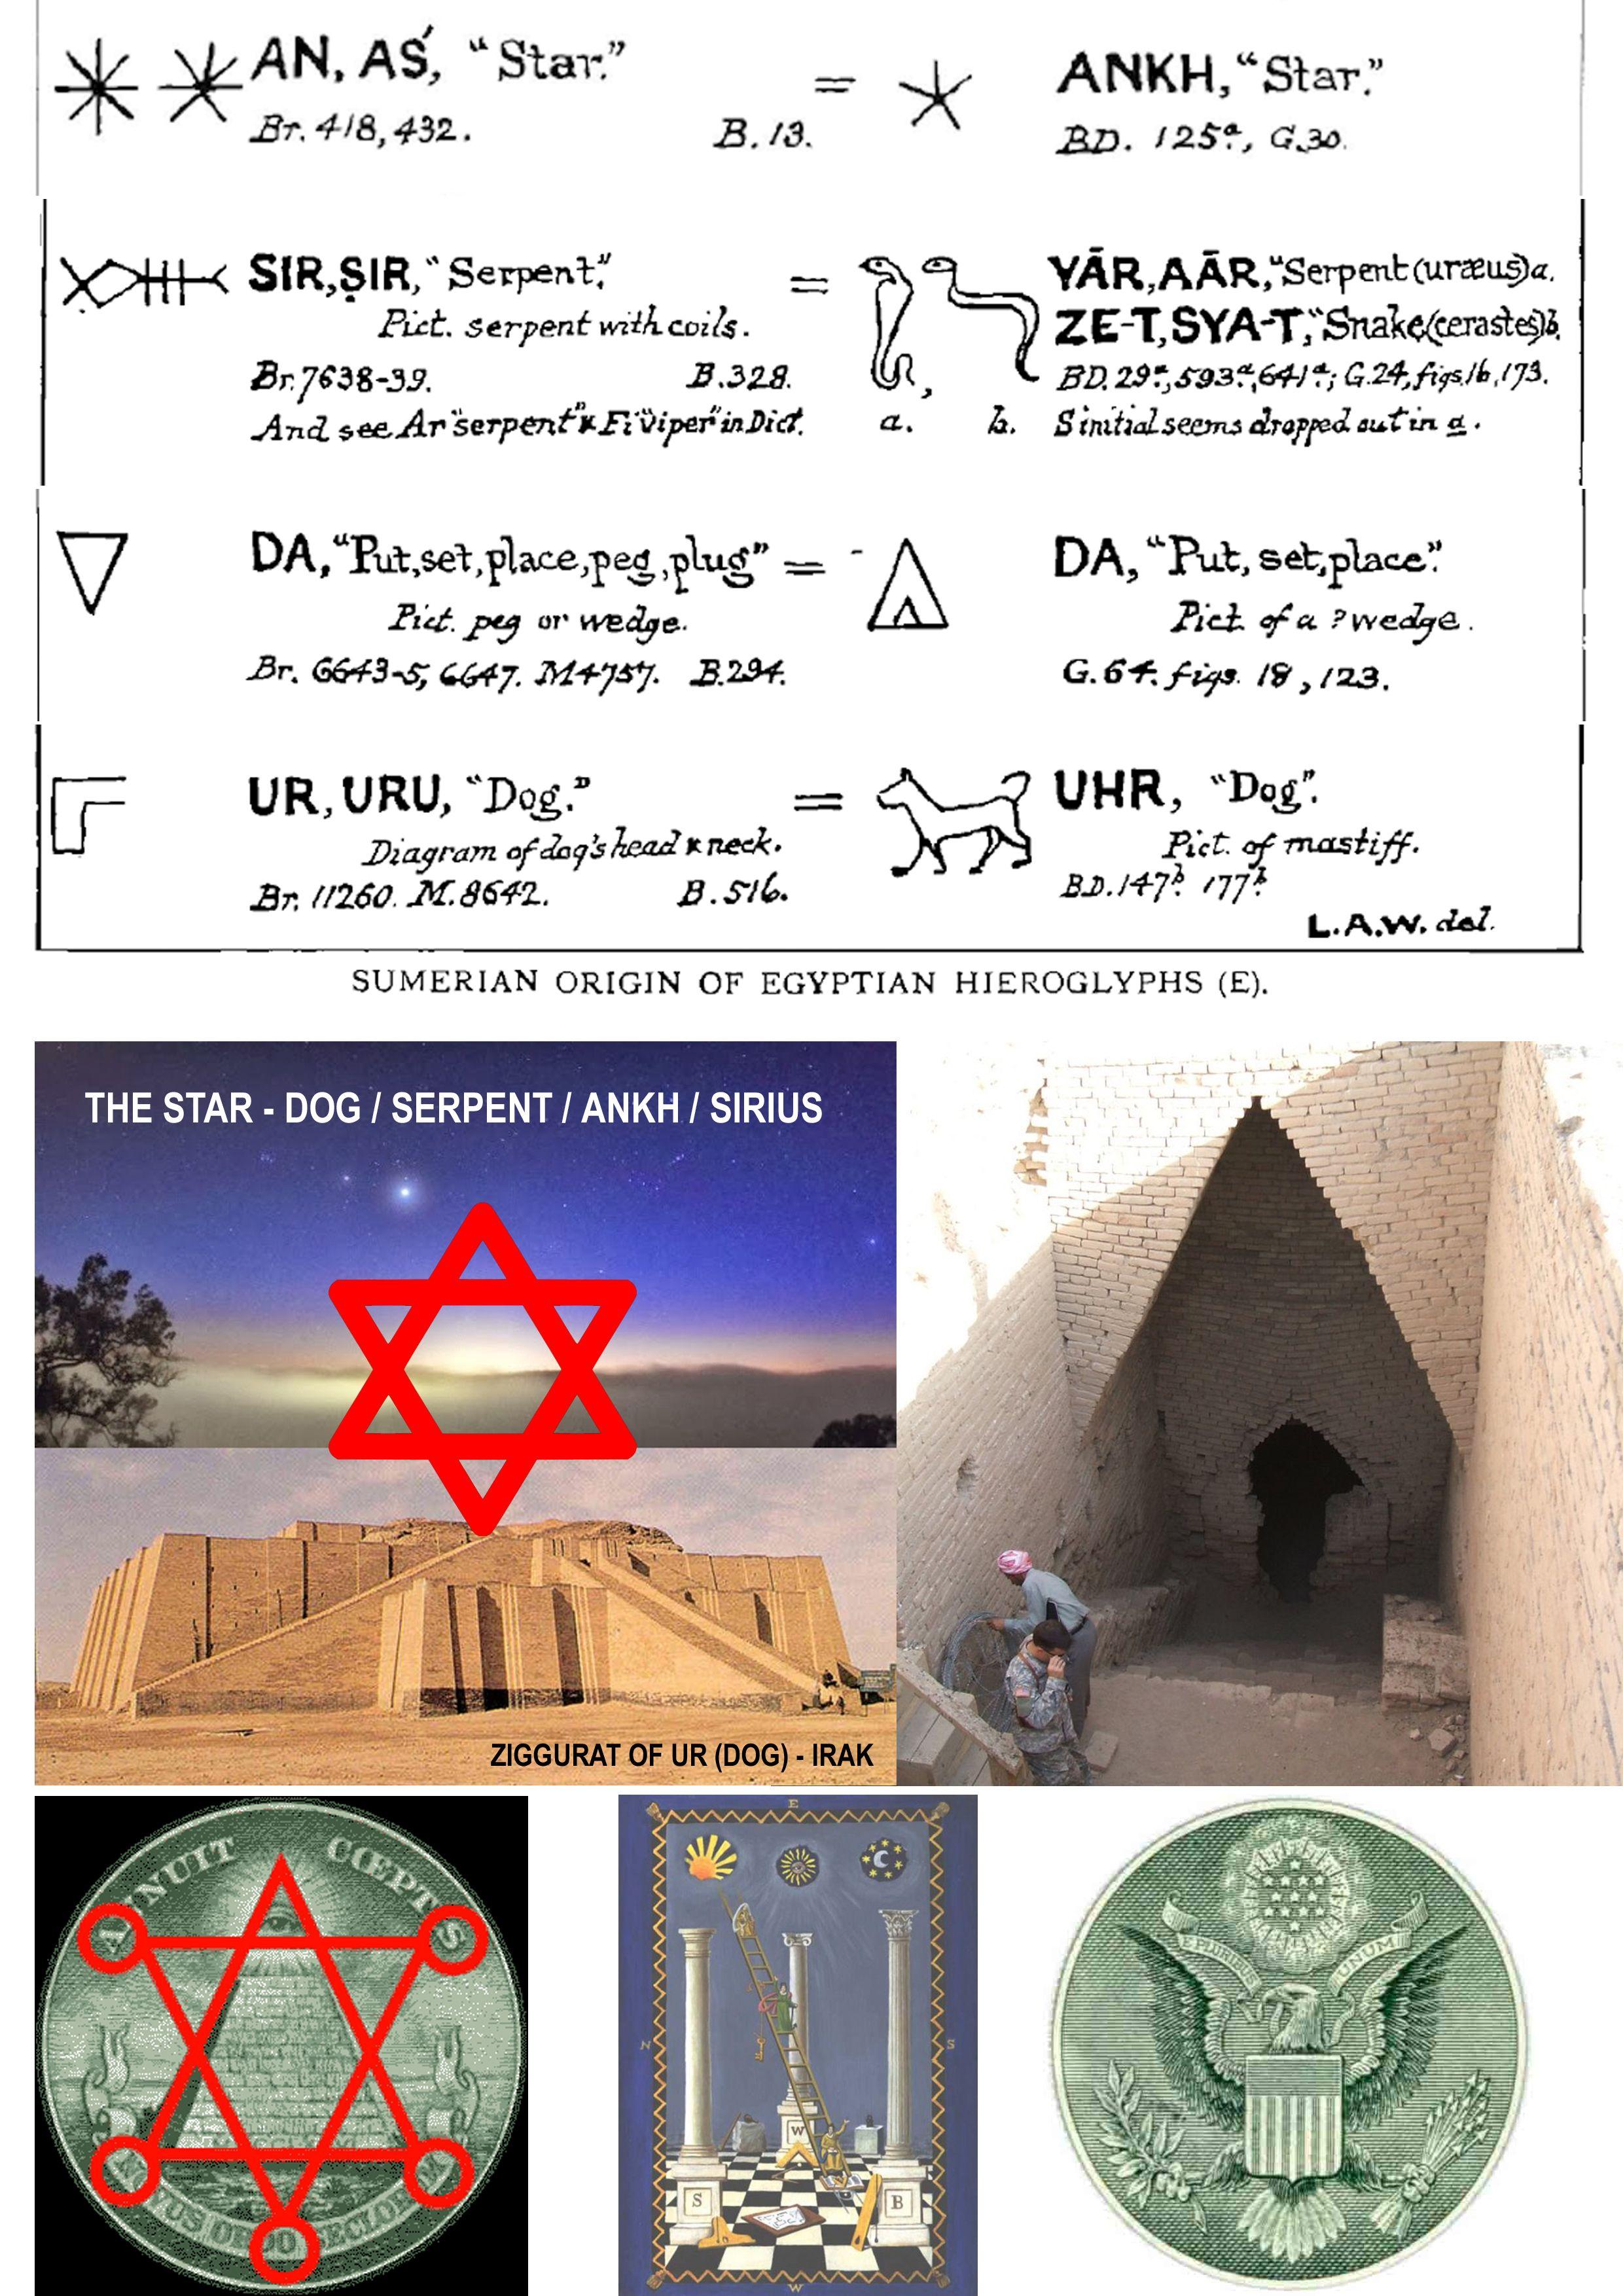 SIRIUS - SUMERIAN - ZIGGURAT OF UR (DOG) - PYRAMID DOLLAR | Sumerian, Sirius,  Dog neck